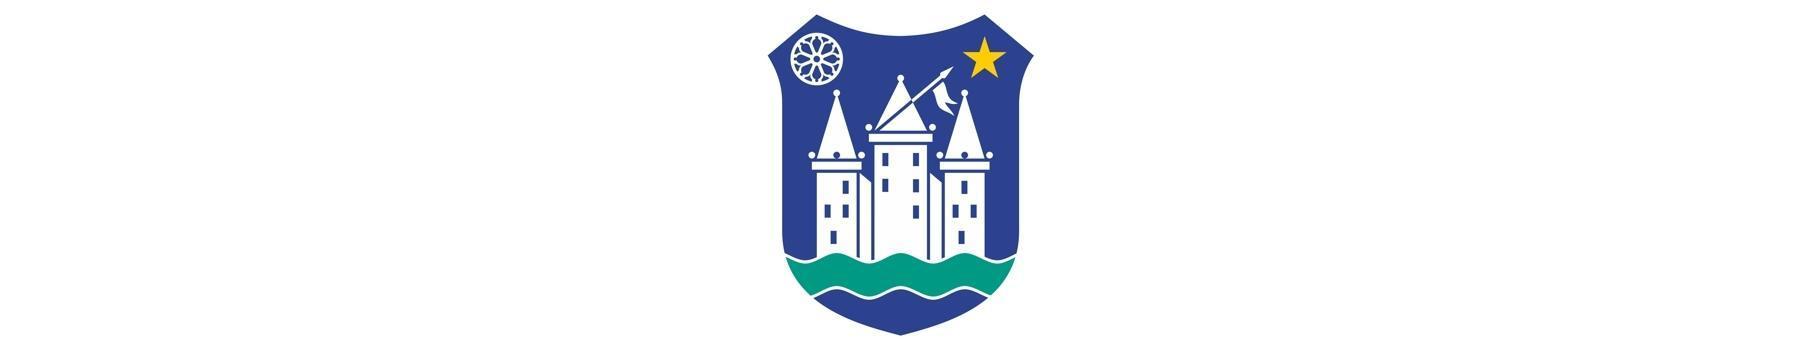 Javni poziv za sistematsku uspostavu zemljišne knjige po podacima novog katastarskog premjera za općine Lohovo i Orljani